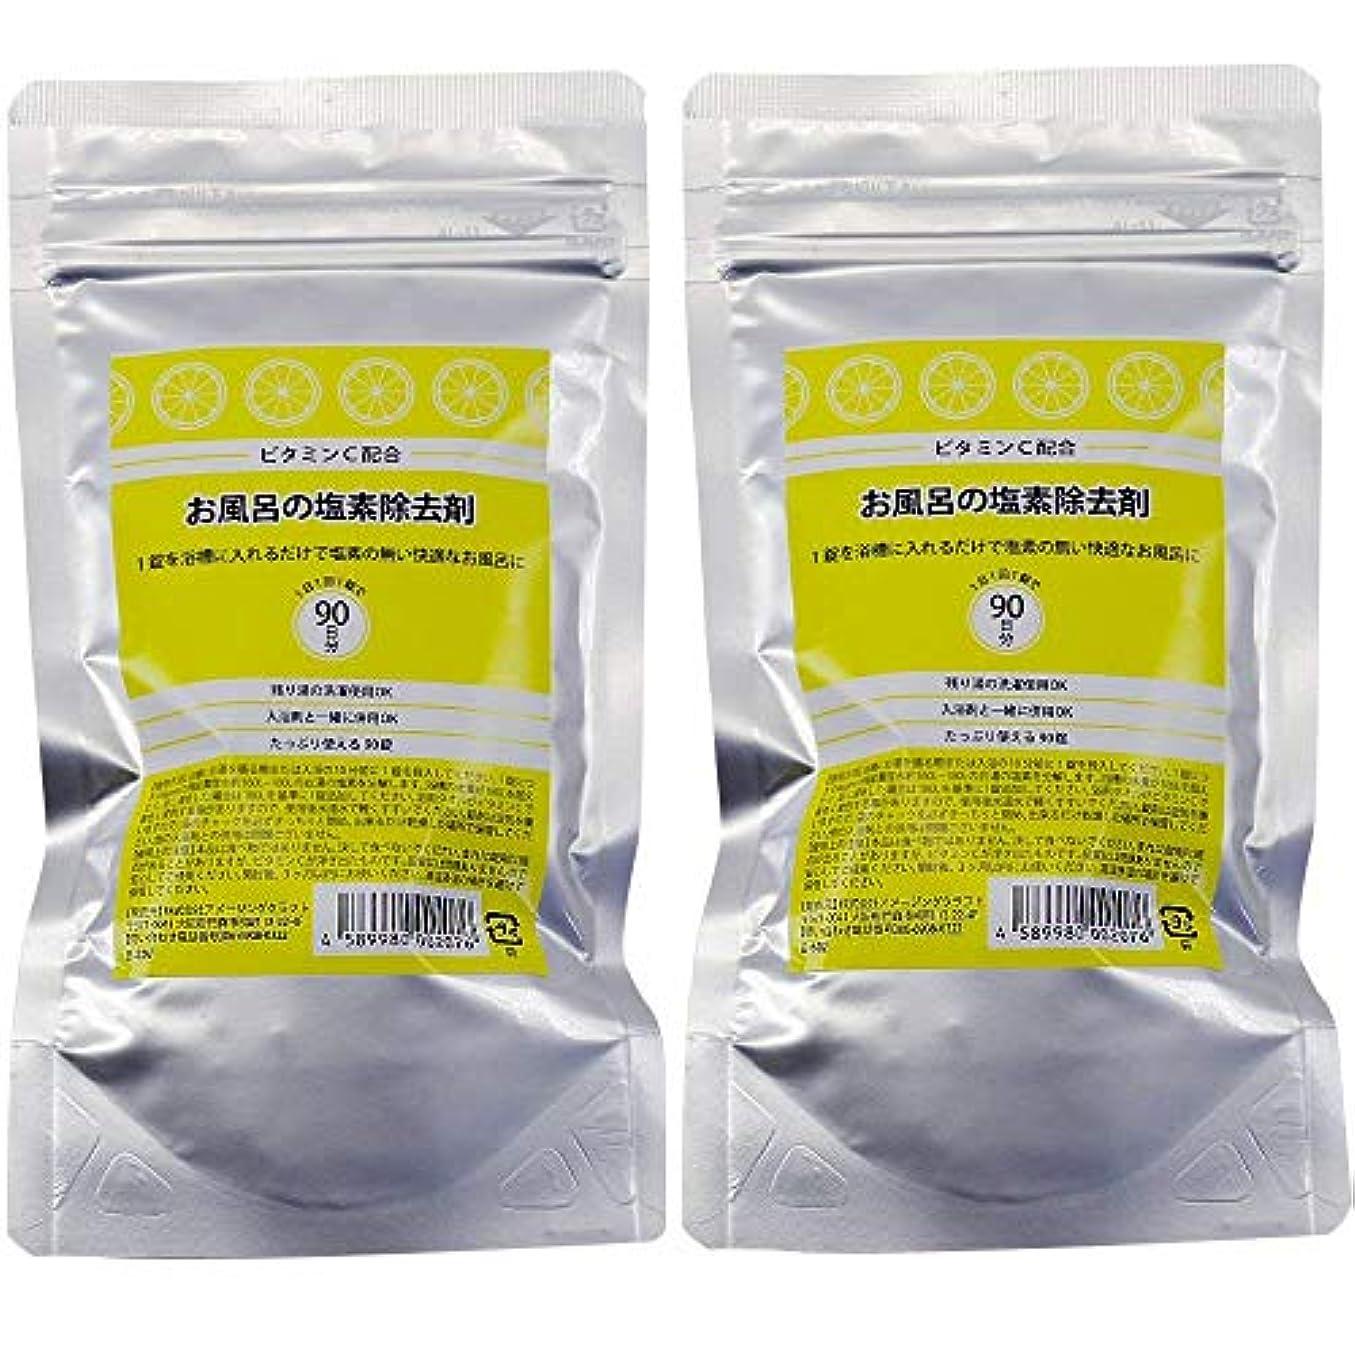 計画的運命伝えるビタミンC配合 お風呂の塩素除去剤 錠剤タイプ 90錠 2個セット 浴槽用脱塩素剤